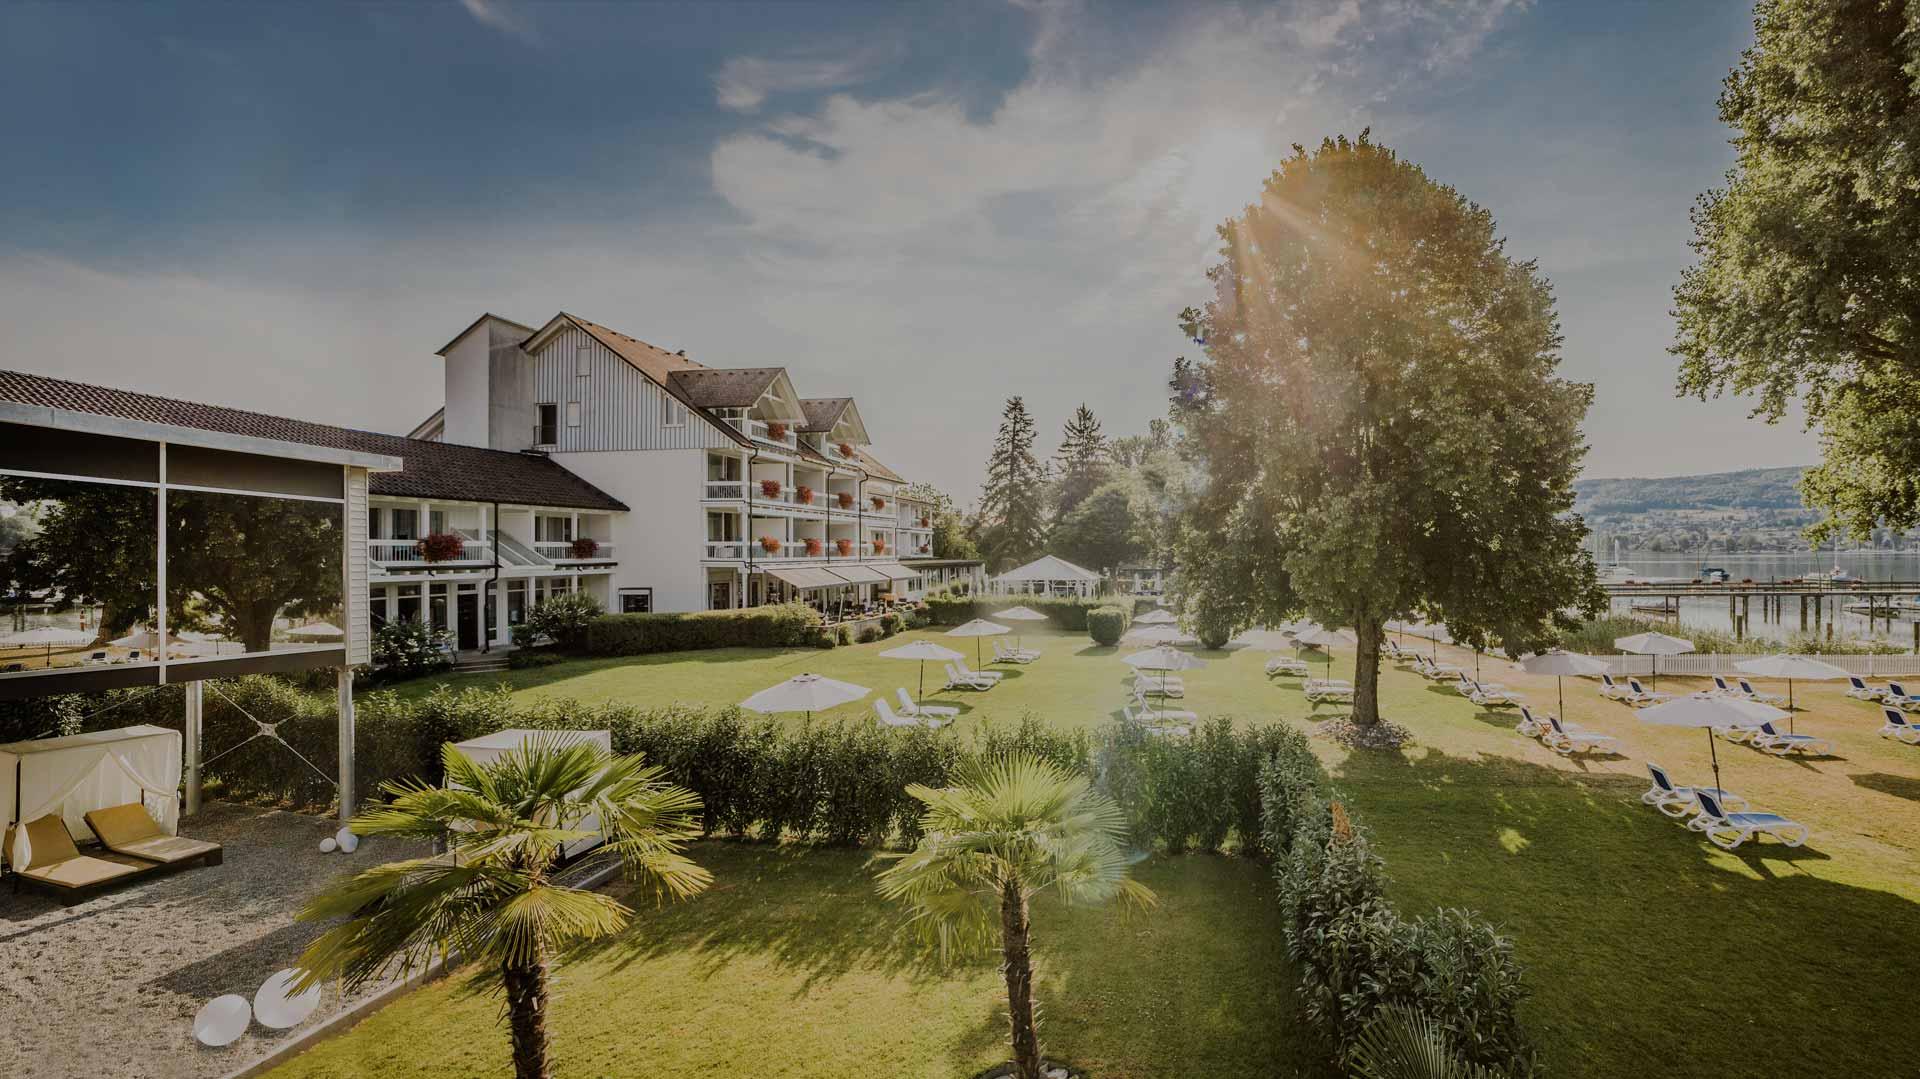 Grosse Aussenanlage des Wellnesshotels am Bodensee